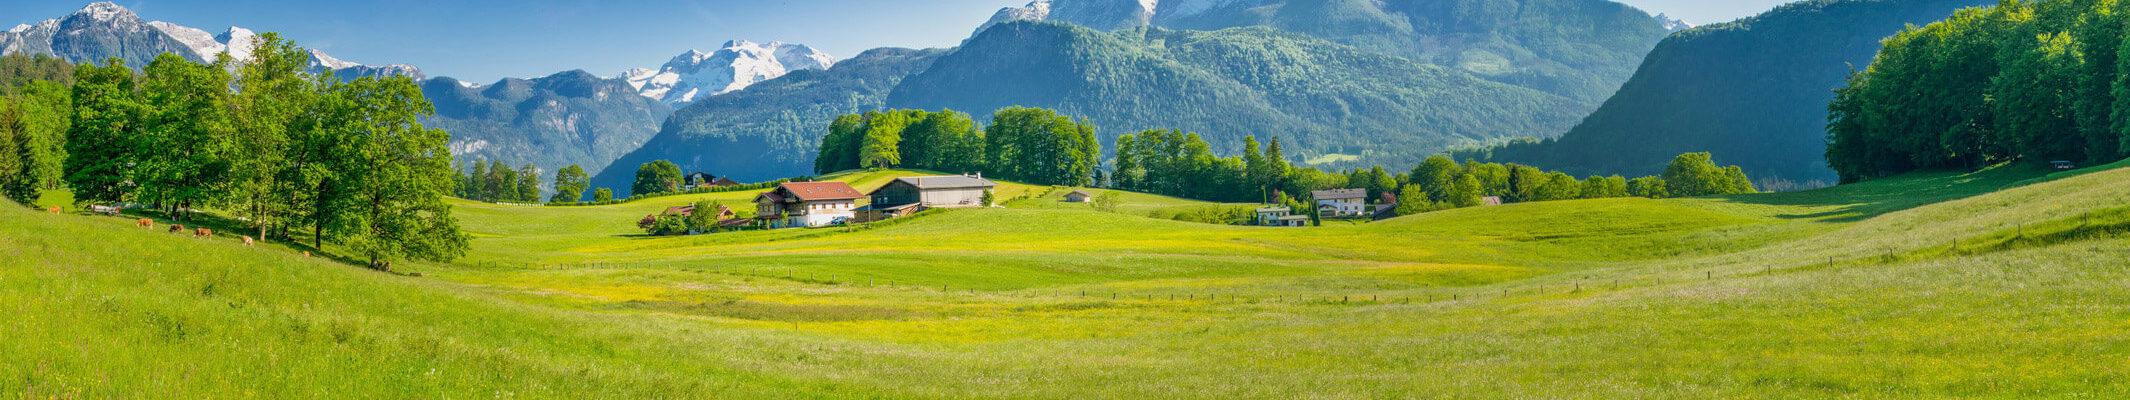 slider_startseite-alpenland-moebel